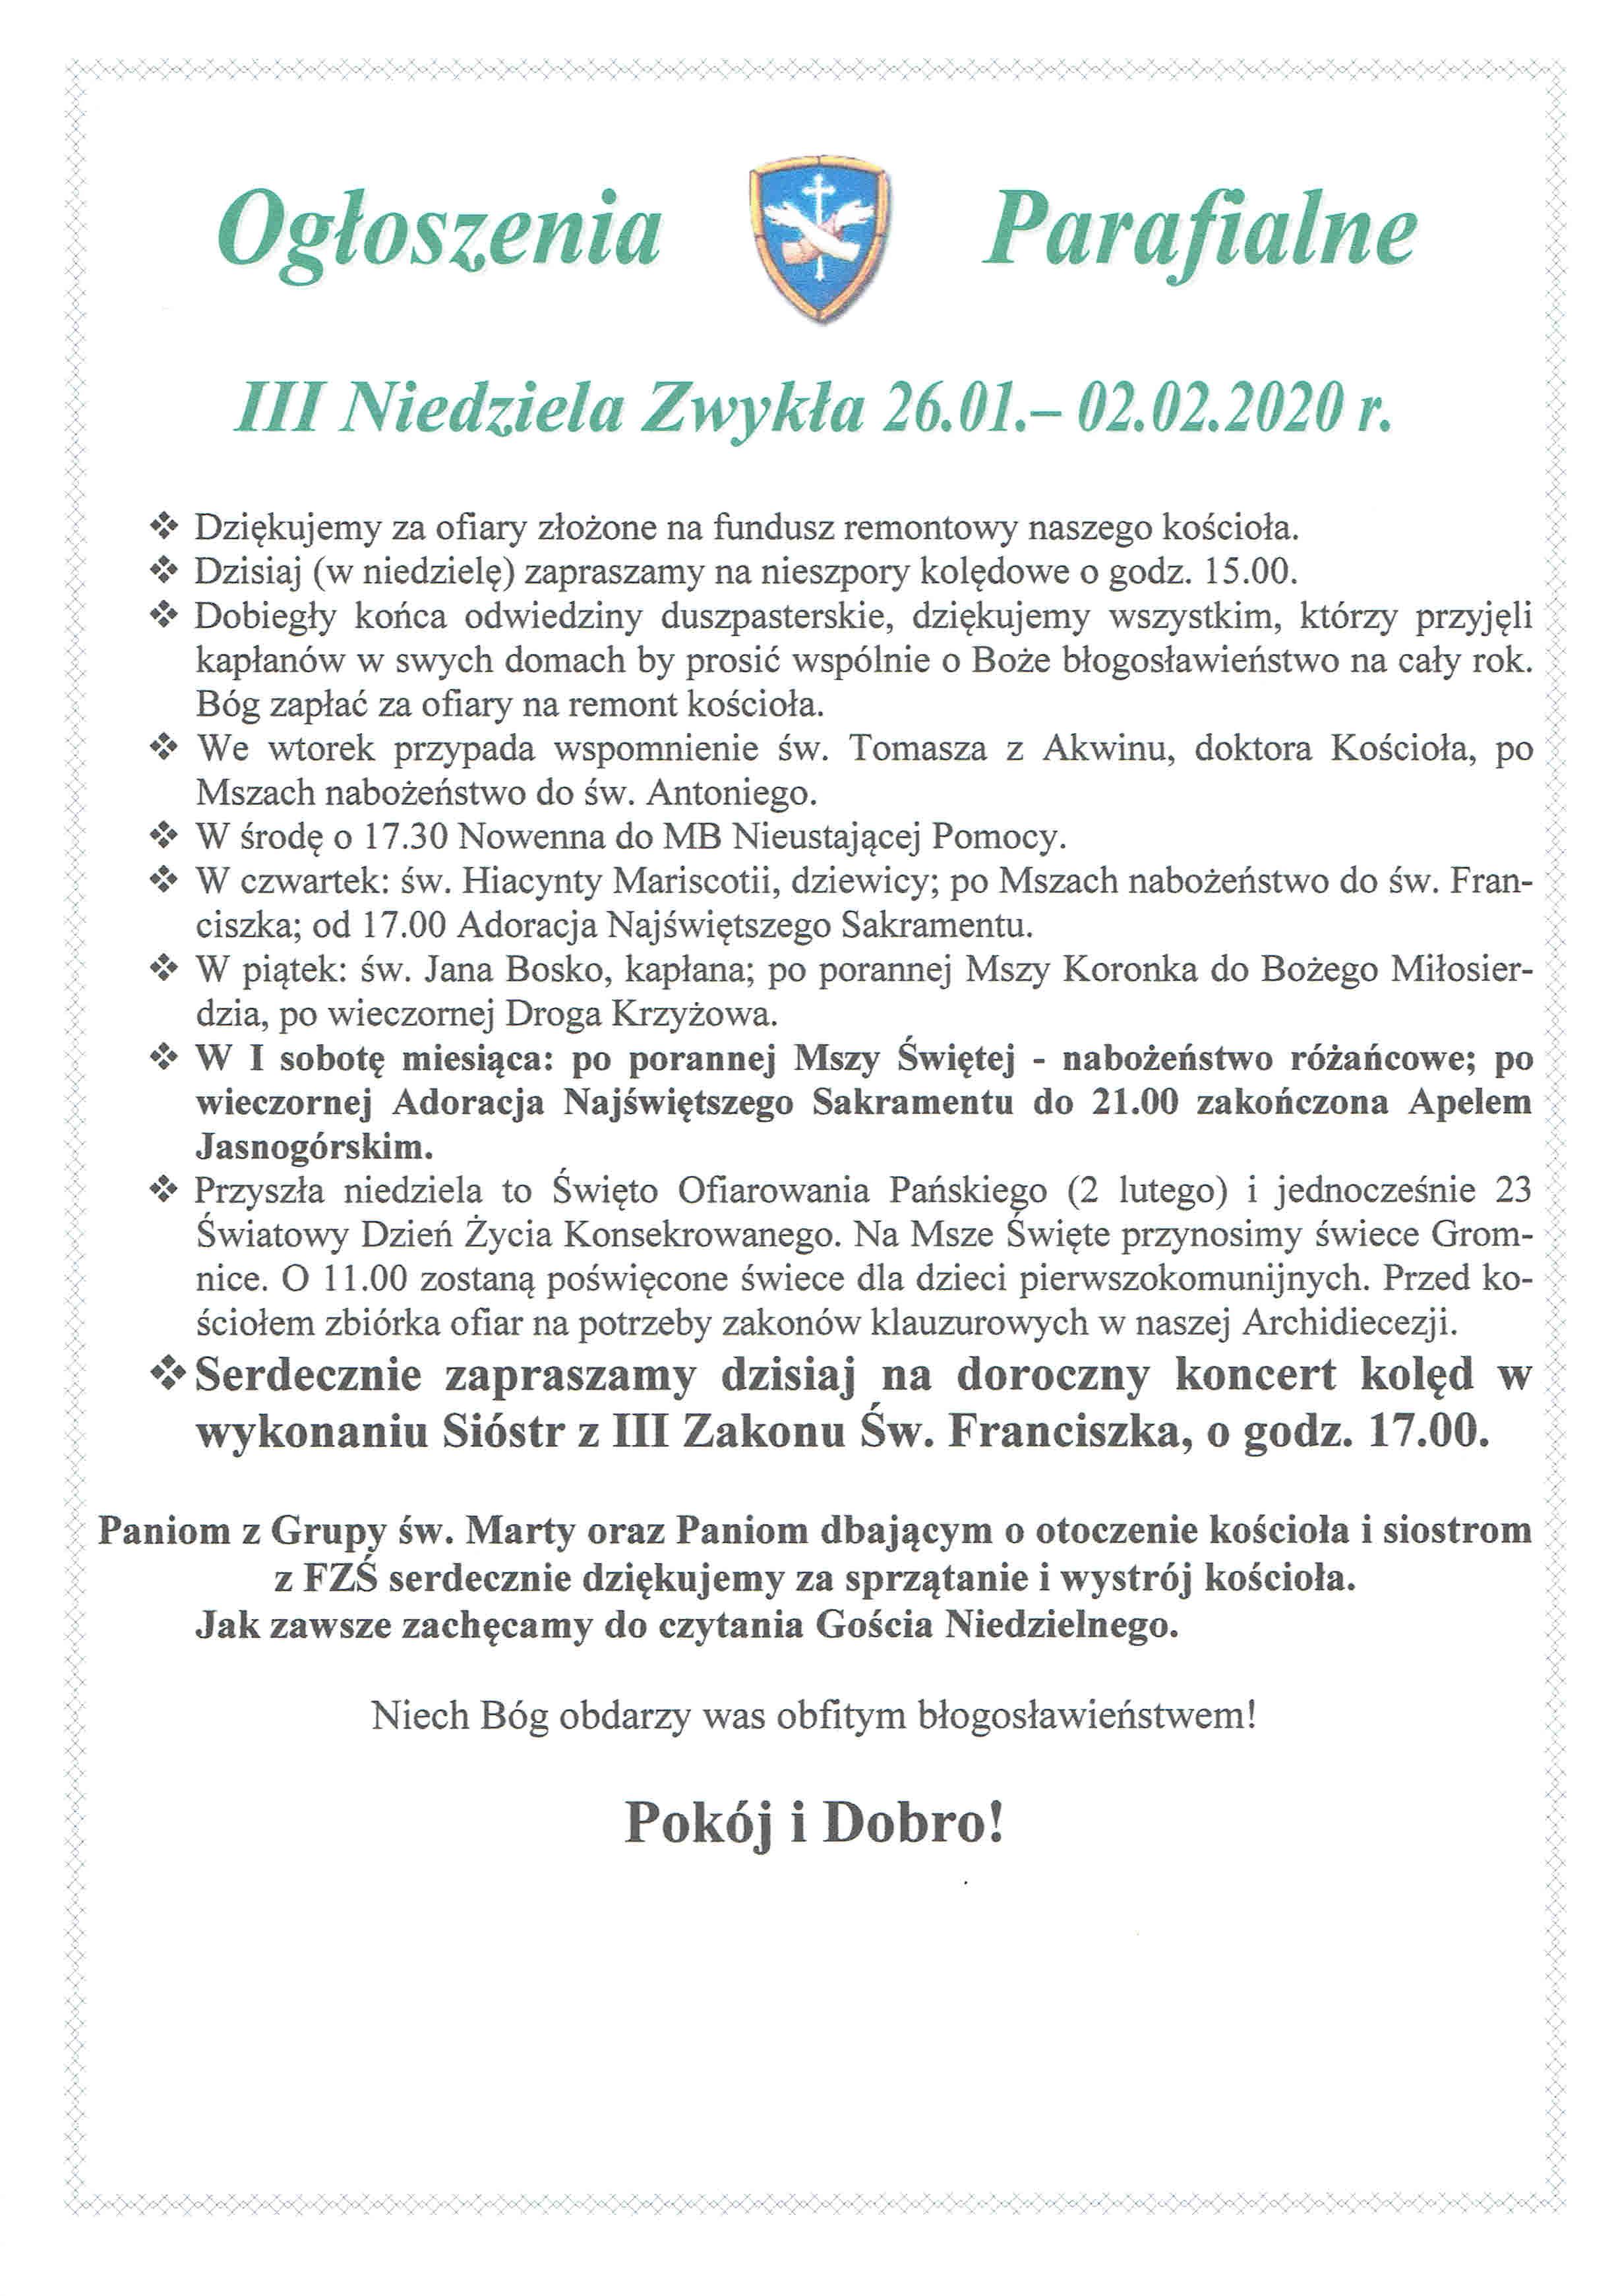 ogloszenia-26-01-2020